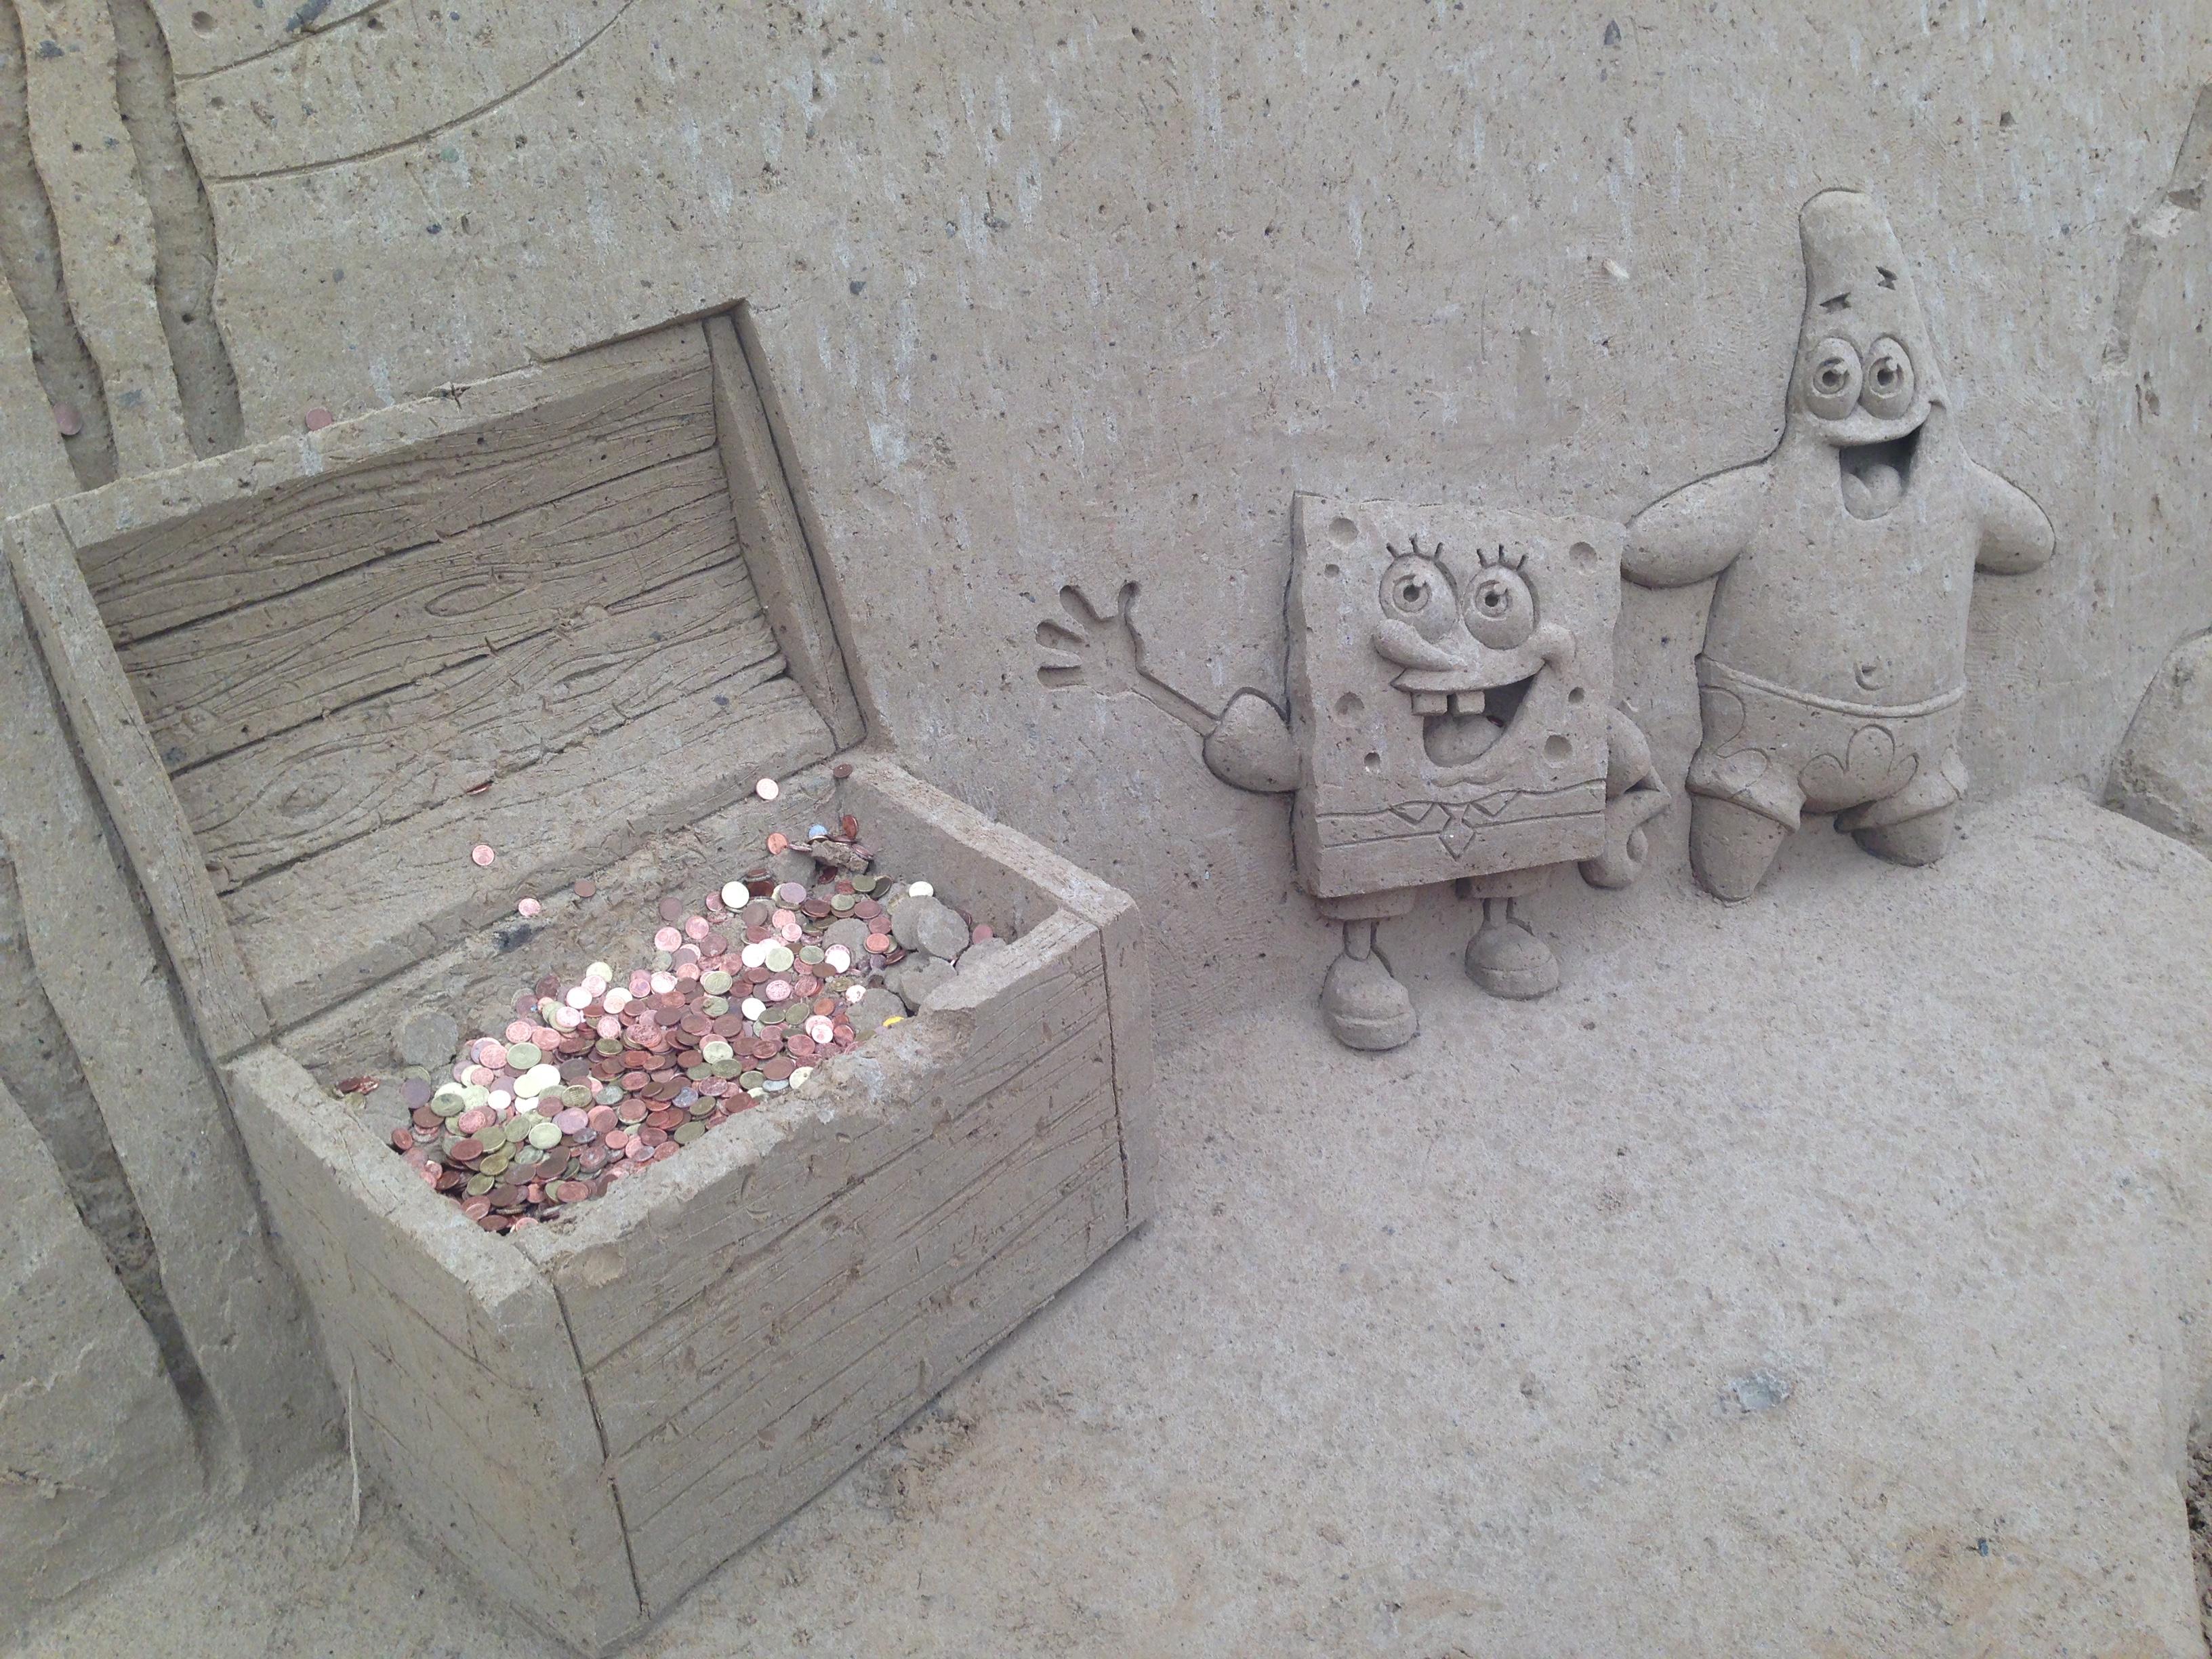 Zwillingsratgeber iphone_mai2016-2885 Sandskulpturen-Festival 2016 in Binz